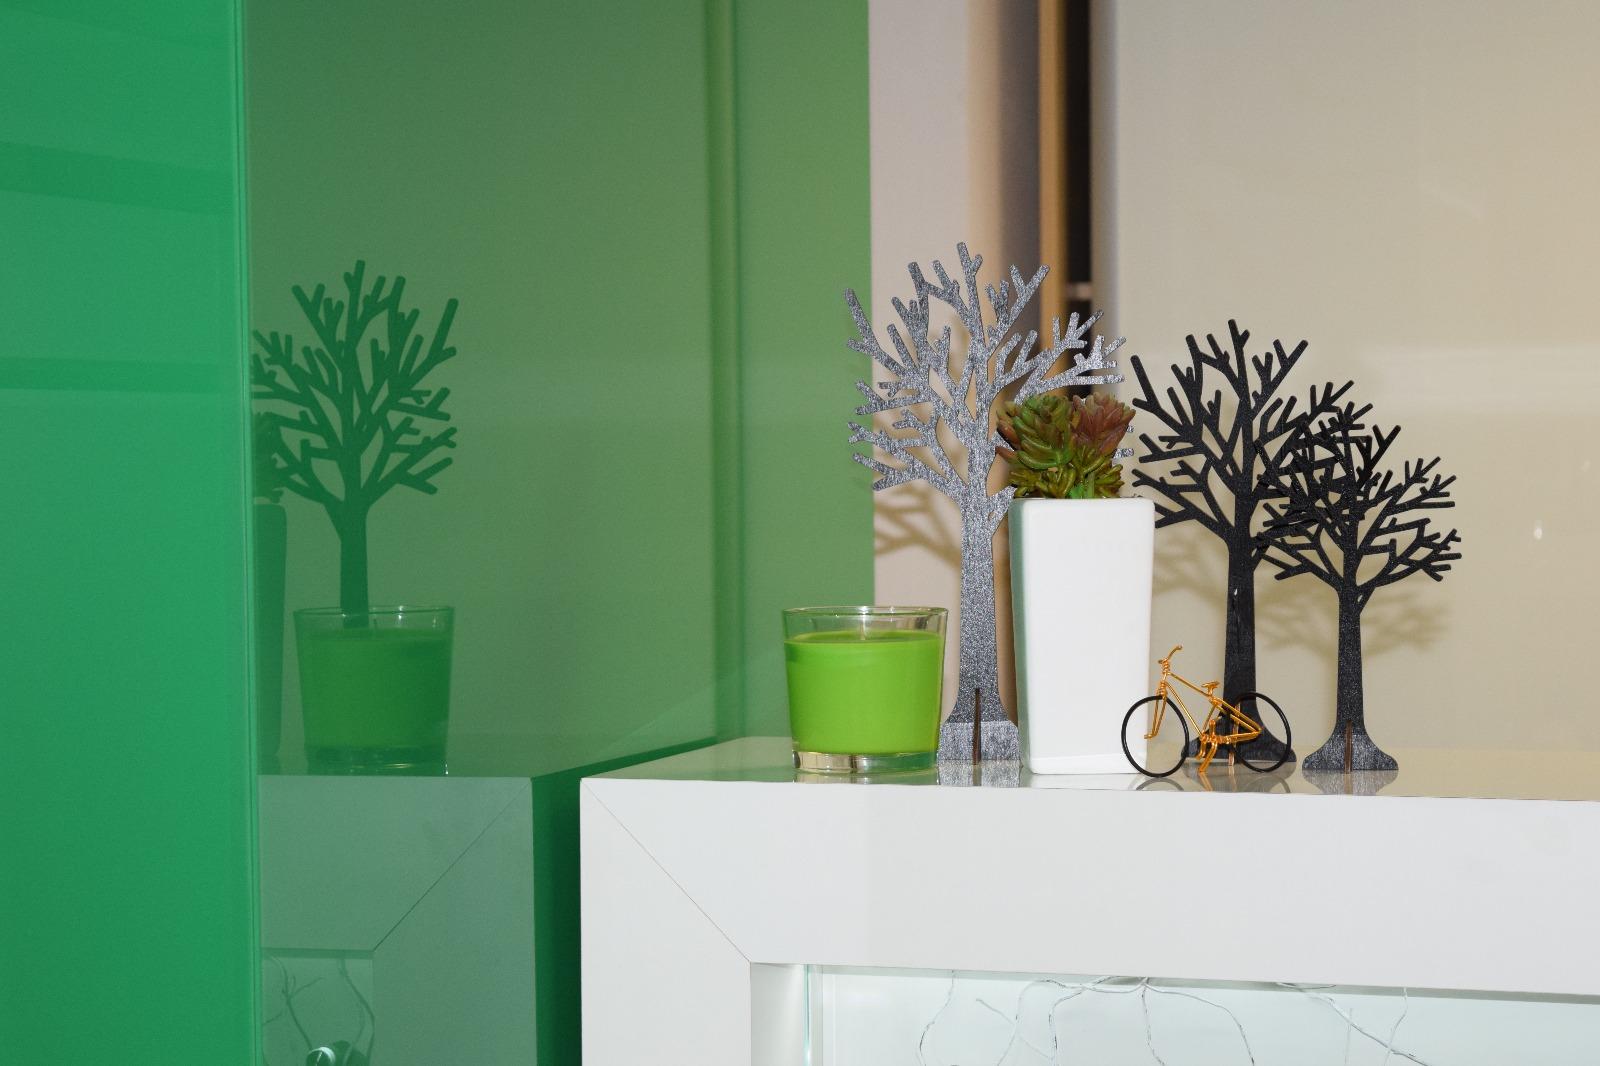 amenajare interioara, design de interior, obiecte de decoratiune, solutii de design interior, obiect DIY, tablou DIY, do it yourself, accesorii, accesorii